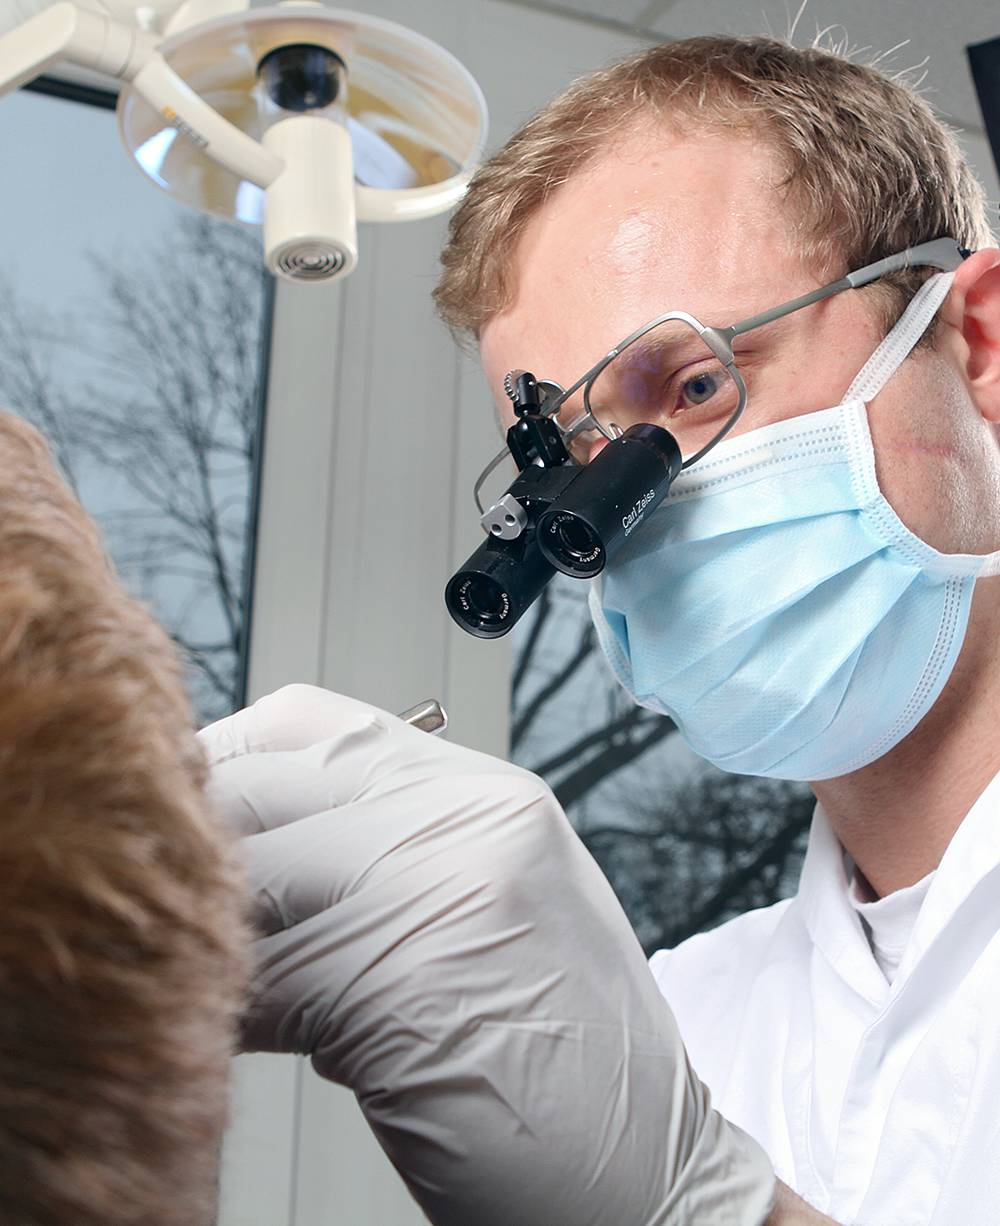 Die präzise Bestimmung der Länge betroffener Nervenkanäle ist eine der Aufbereitungsmethoden, die eine Wurzelbehandlung für den Patienten so kurz und schmerzarm wie möglich machen.